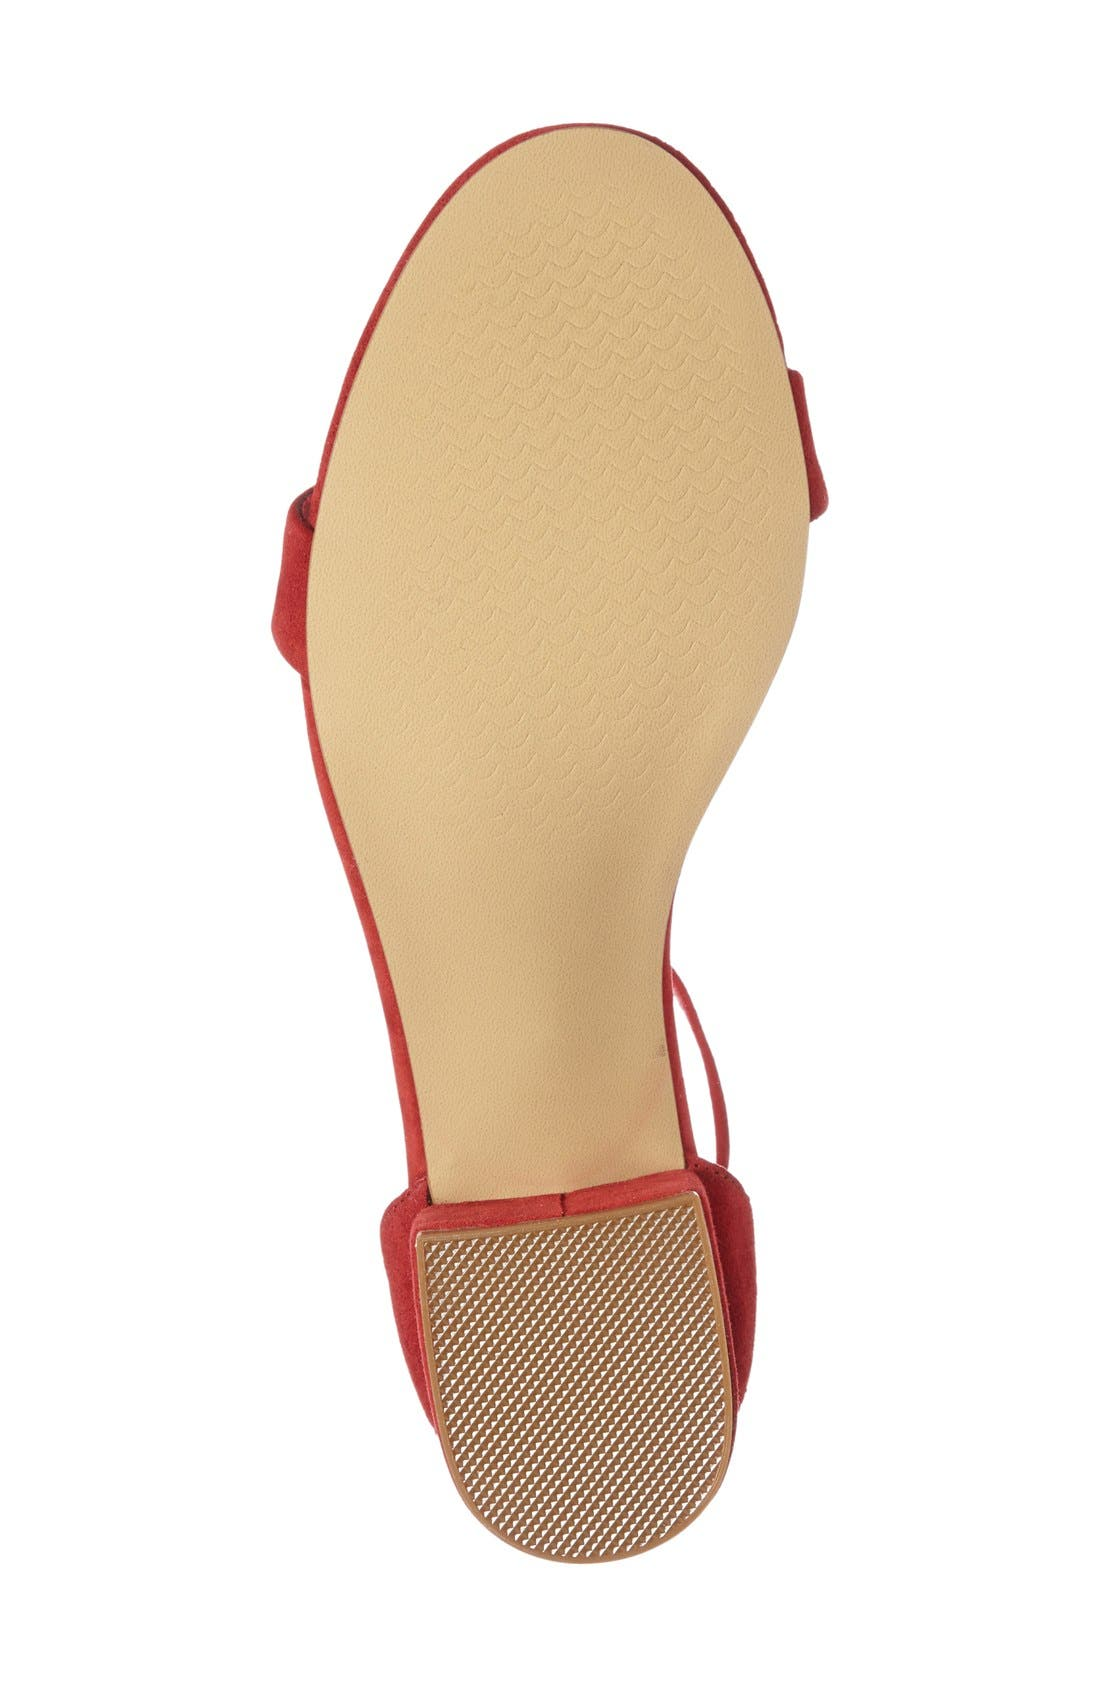 Irenee Ankle Strap Sandal,                             Alternate thumbnail 178, color,